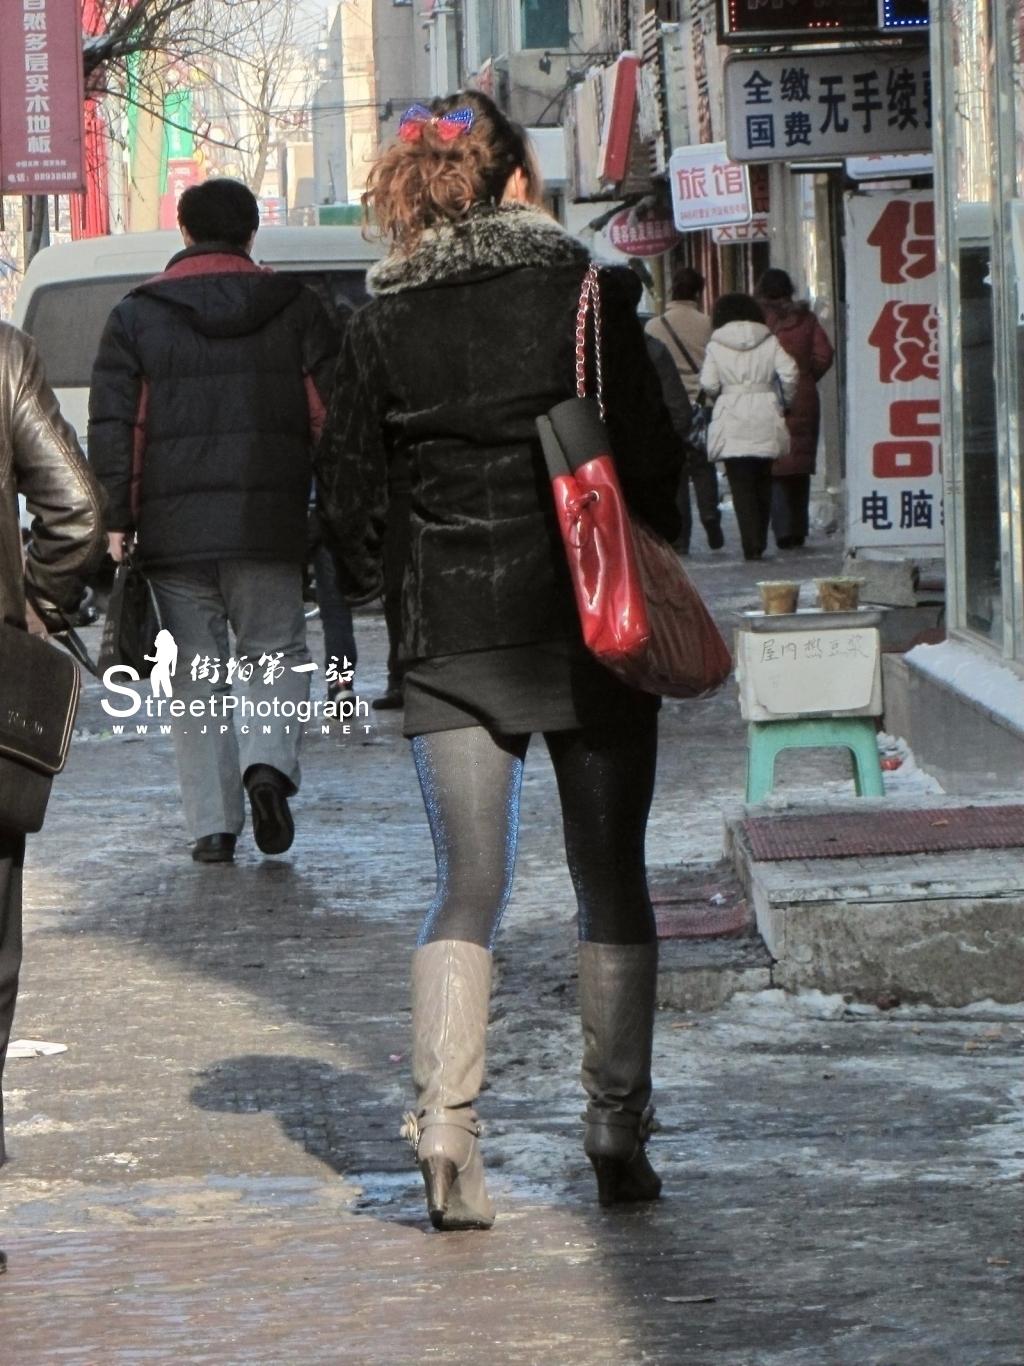 彩 丝 美 女  神话作品 0174 闪亮厚蓝丝 [12P] 街拍第一站全网原创独发!